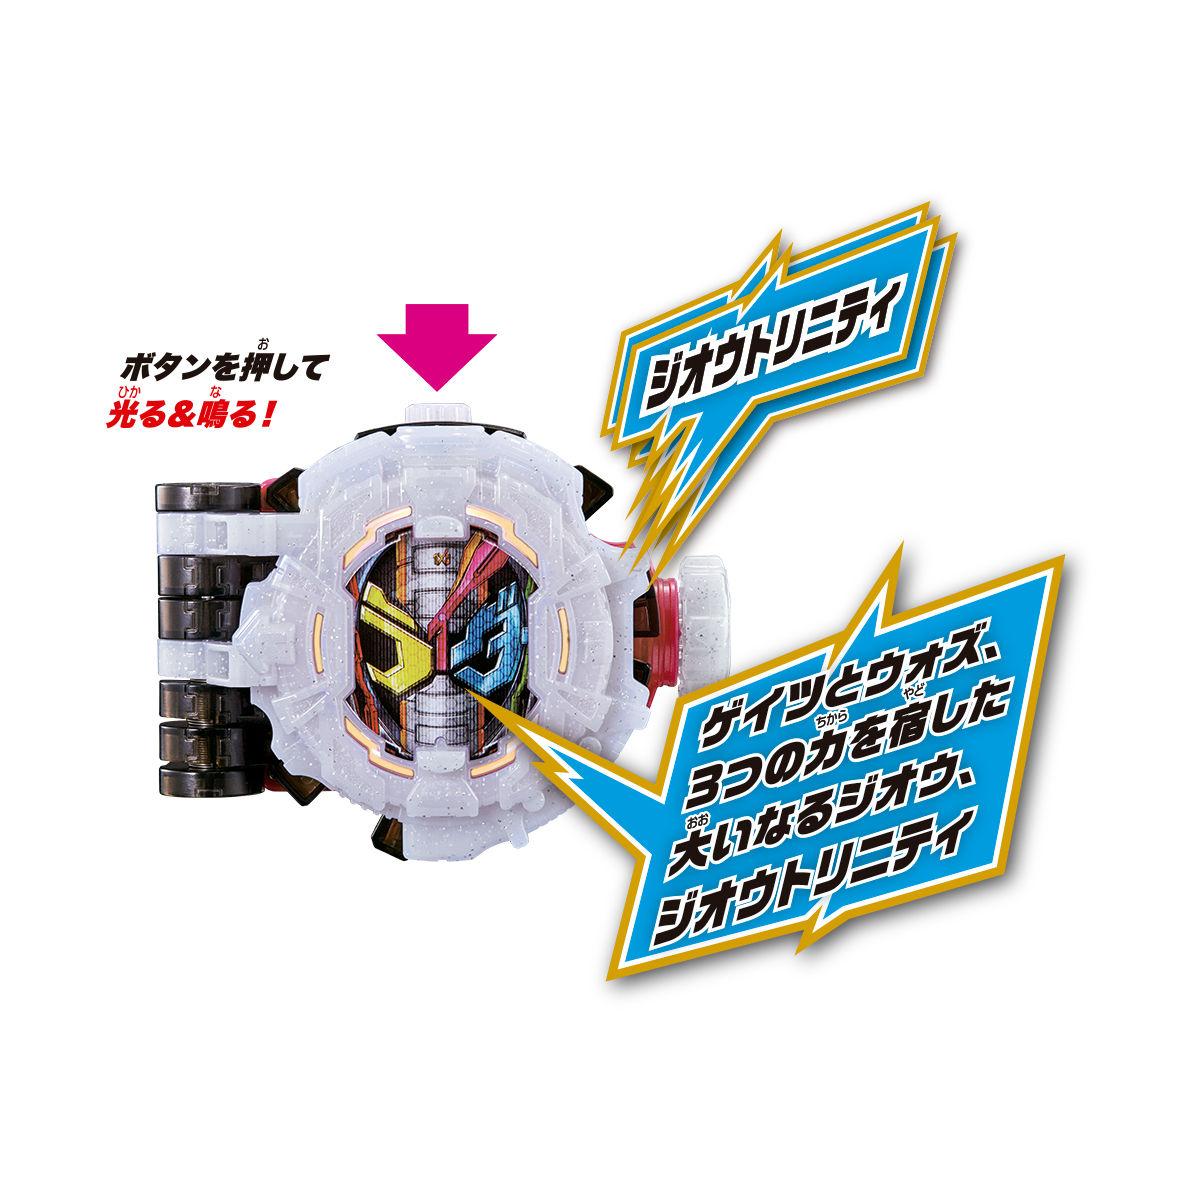 ライドウォッチ『DXジオウトリニティライドウォッチ』仮面ライダージオウ 変身なりきり-008